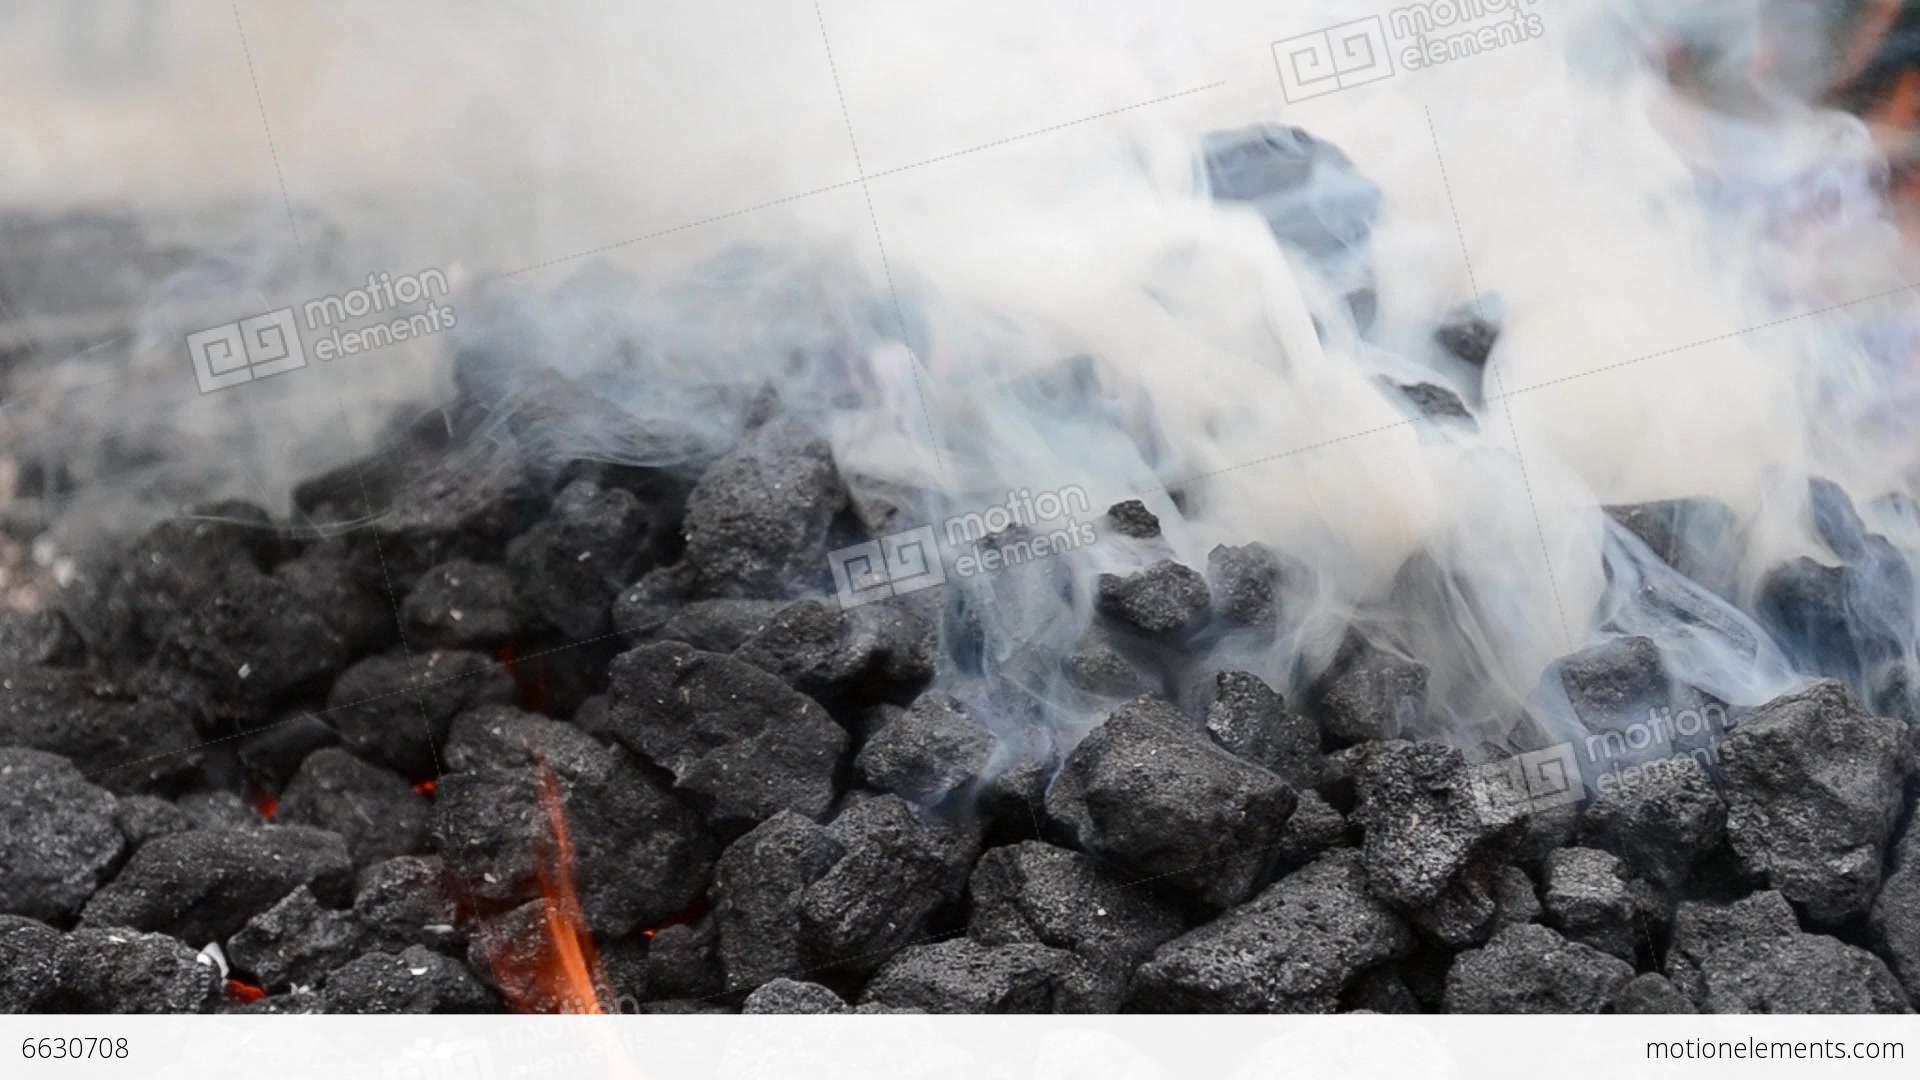 Reitet seltsamen Kohlebrenner Video schwarz weiß zum ersten